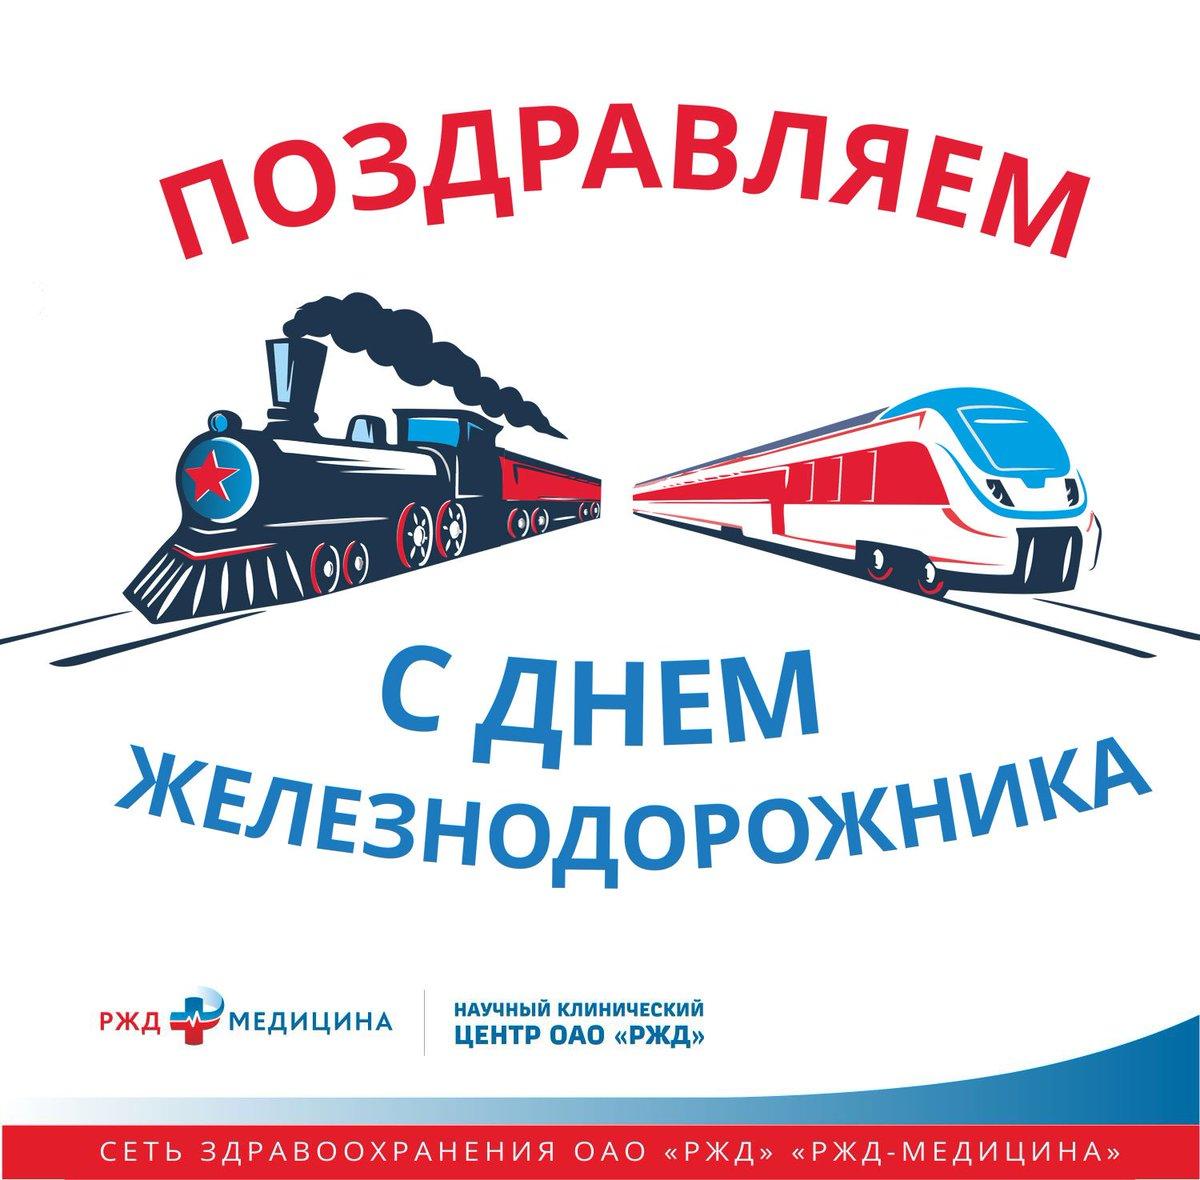 Поздравление российским железным дорогами